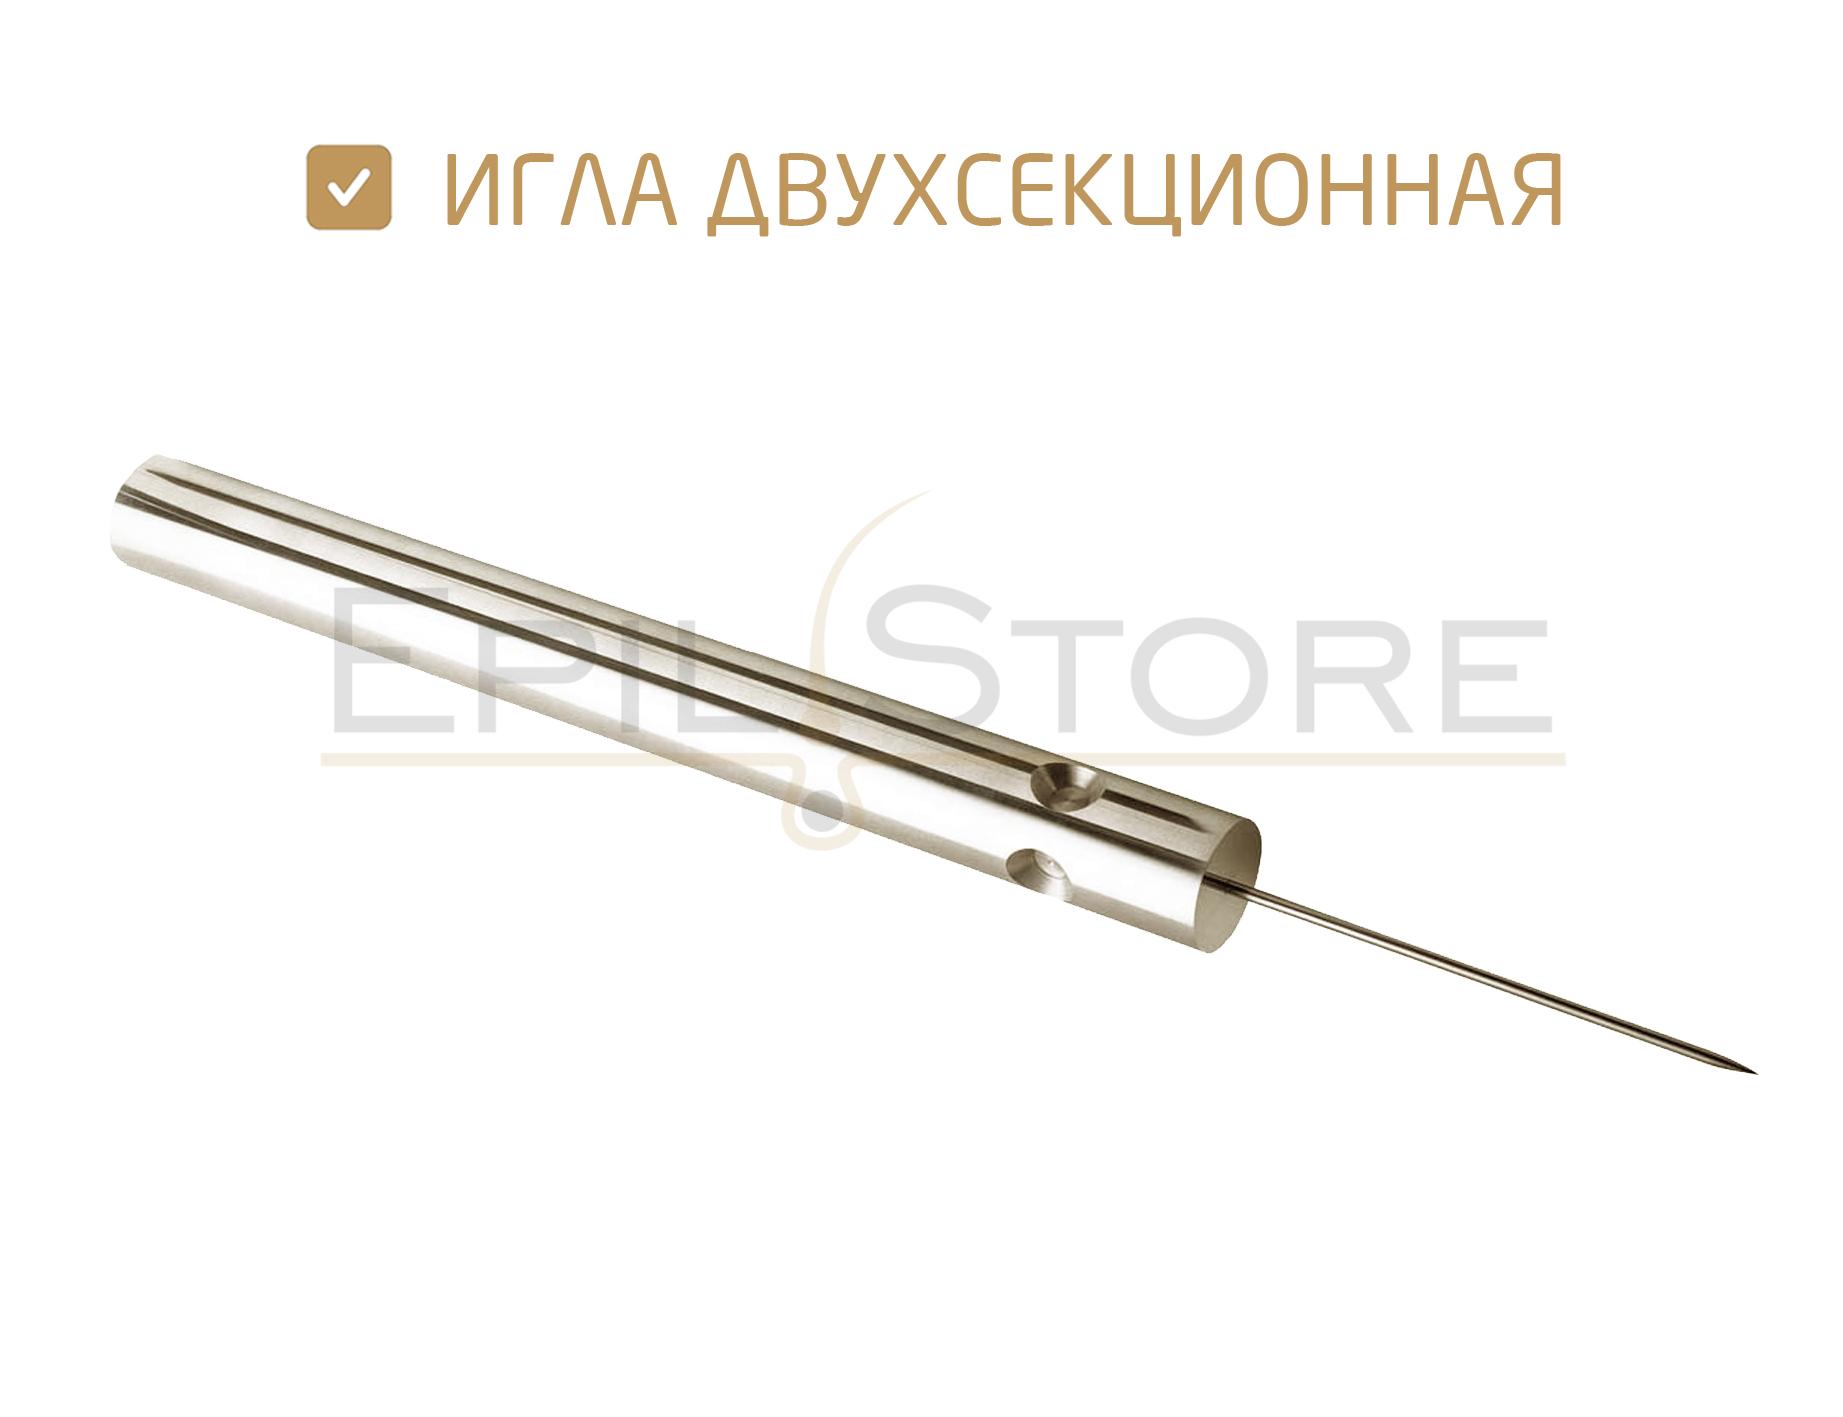 Изолированные двухсекционные иглы для электроэпиляции Sterex - 50 штук